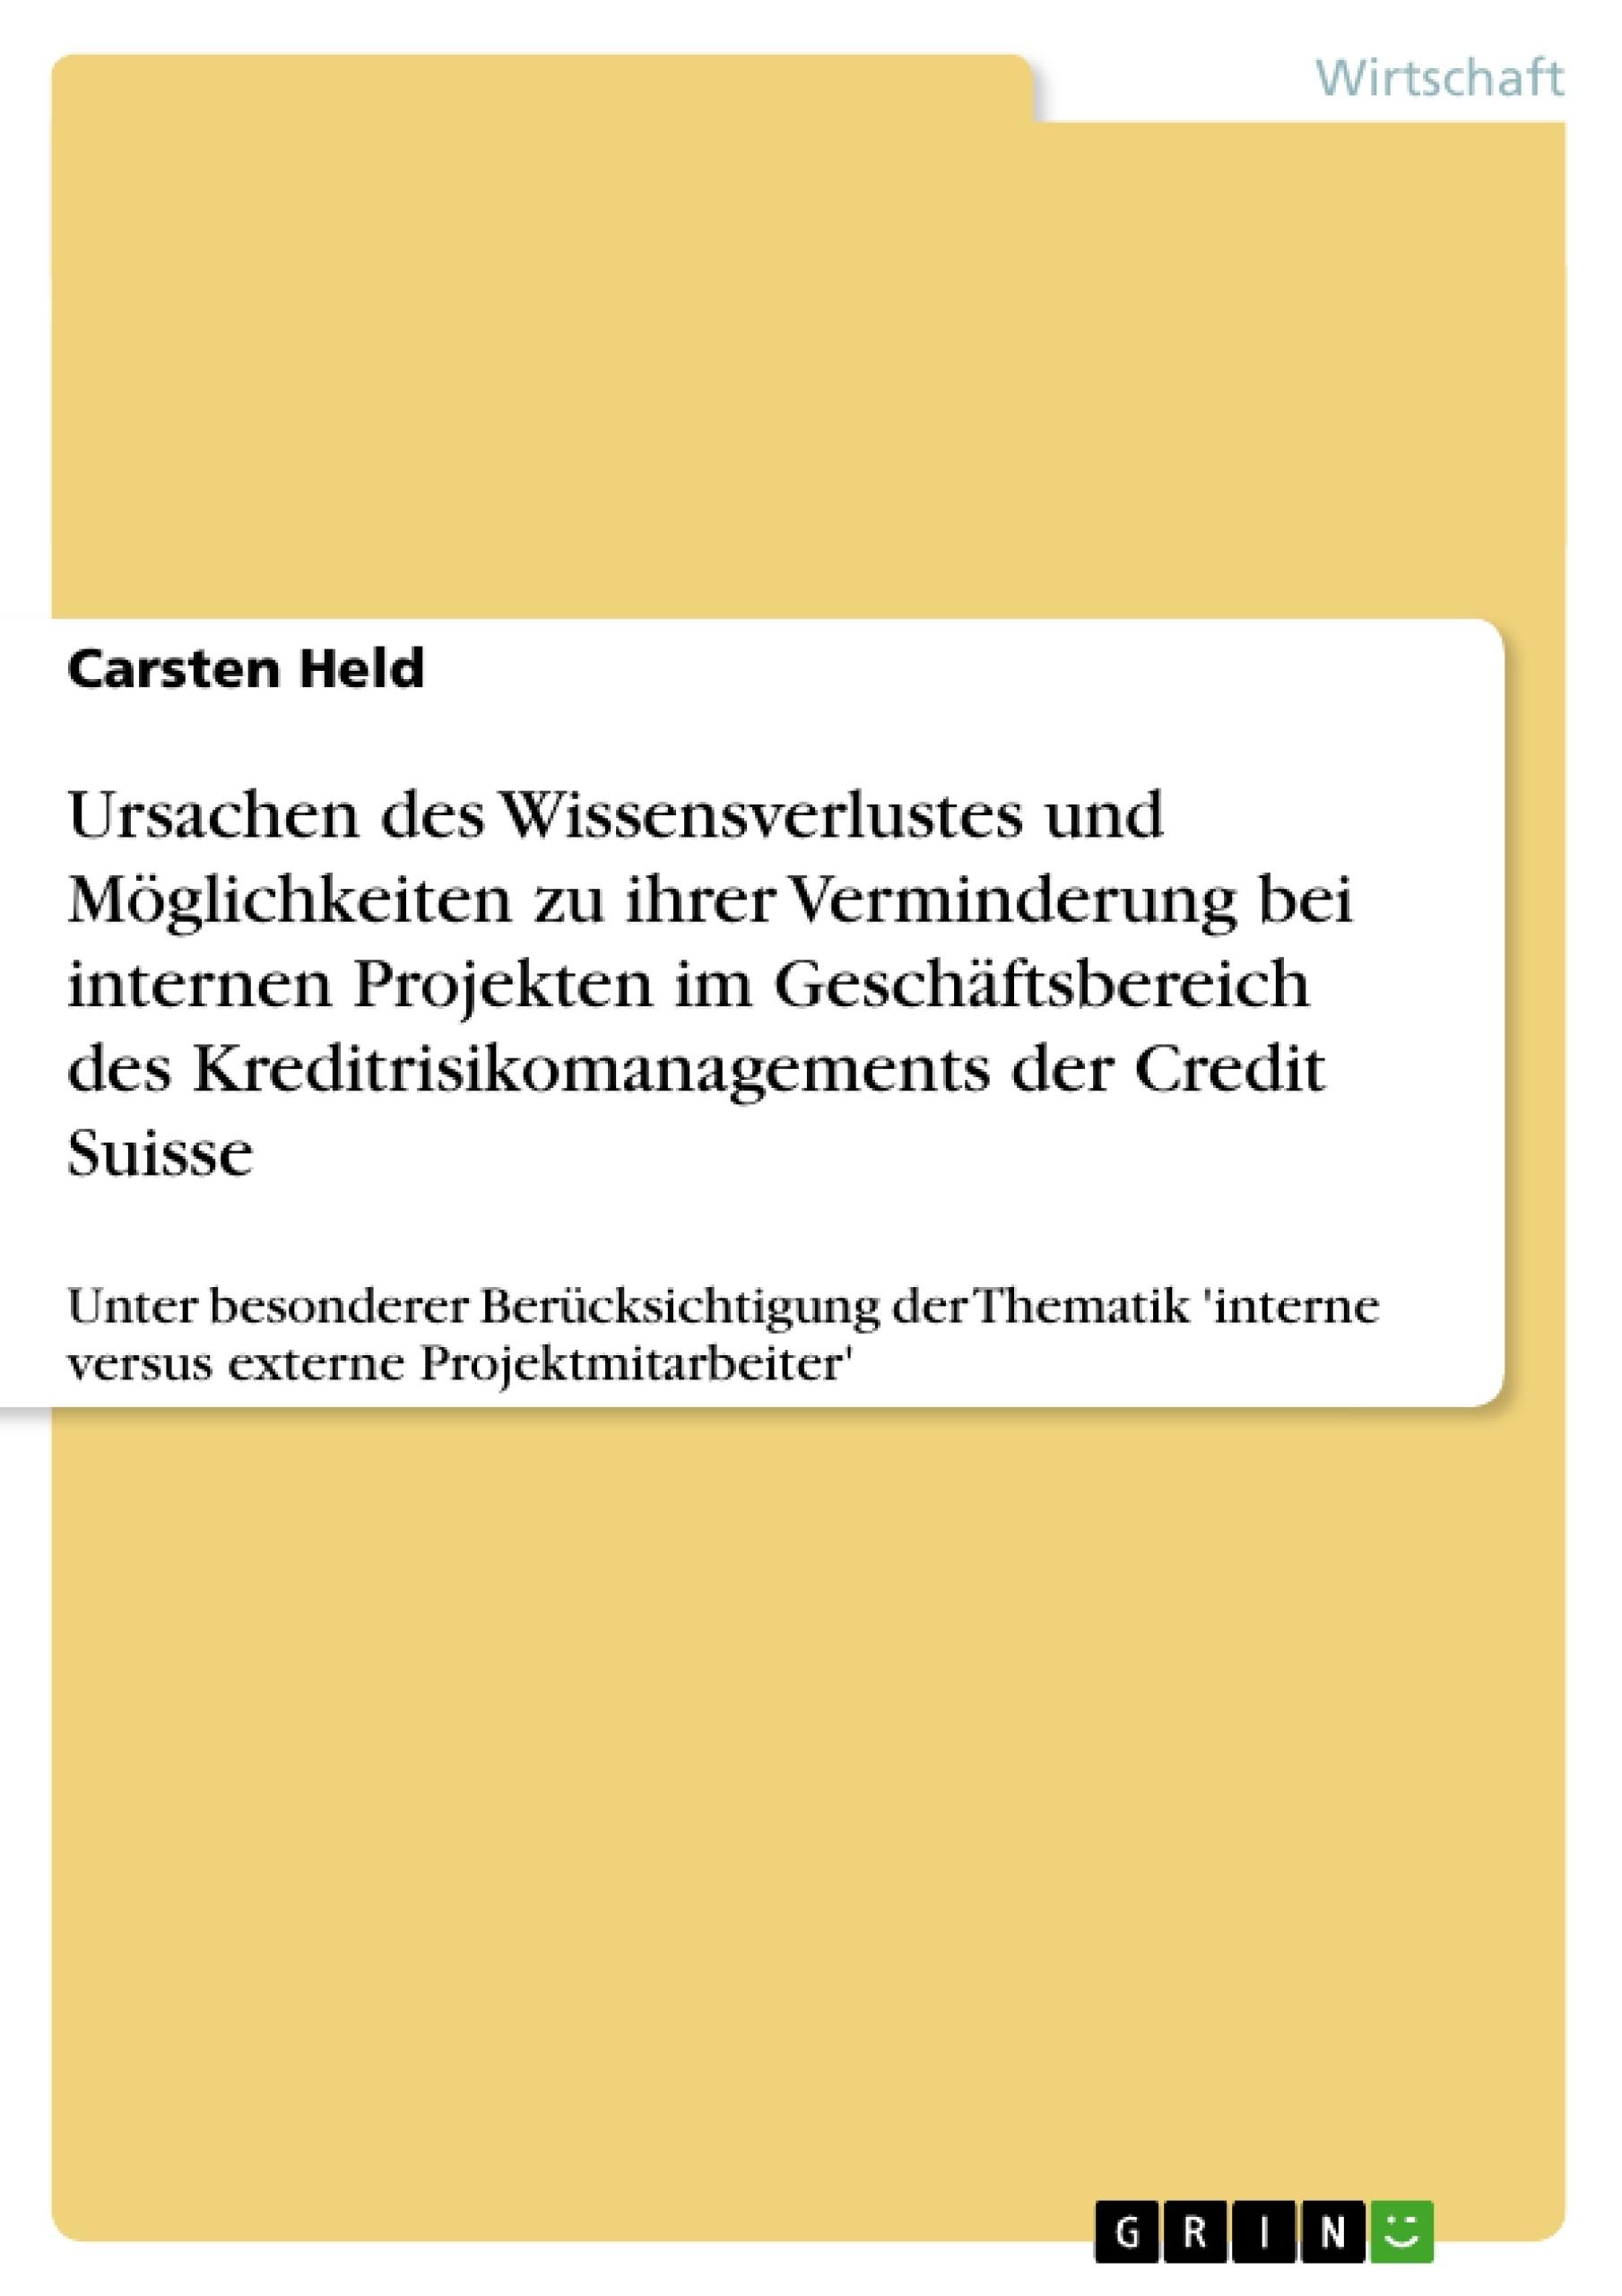 Titel: Ursachen des Wissensverlustes und Möglichkeiten zu ihrer Verminderung bei internen Projekten im Geschäftsbereich des Kreditrisikomanagements der Credit Suisse